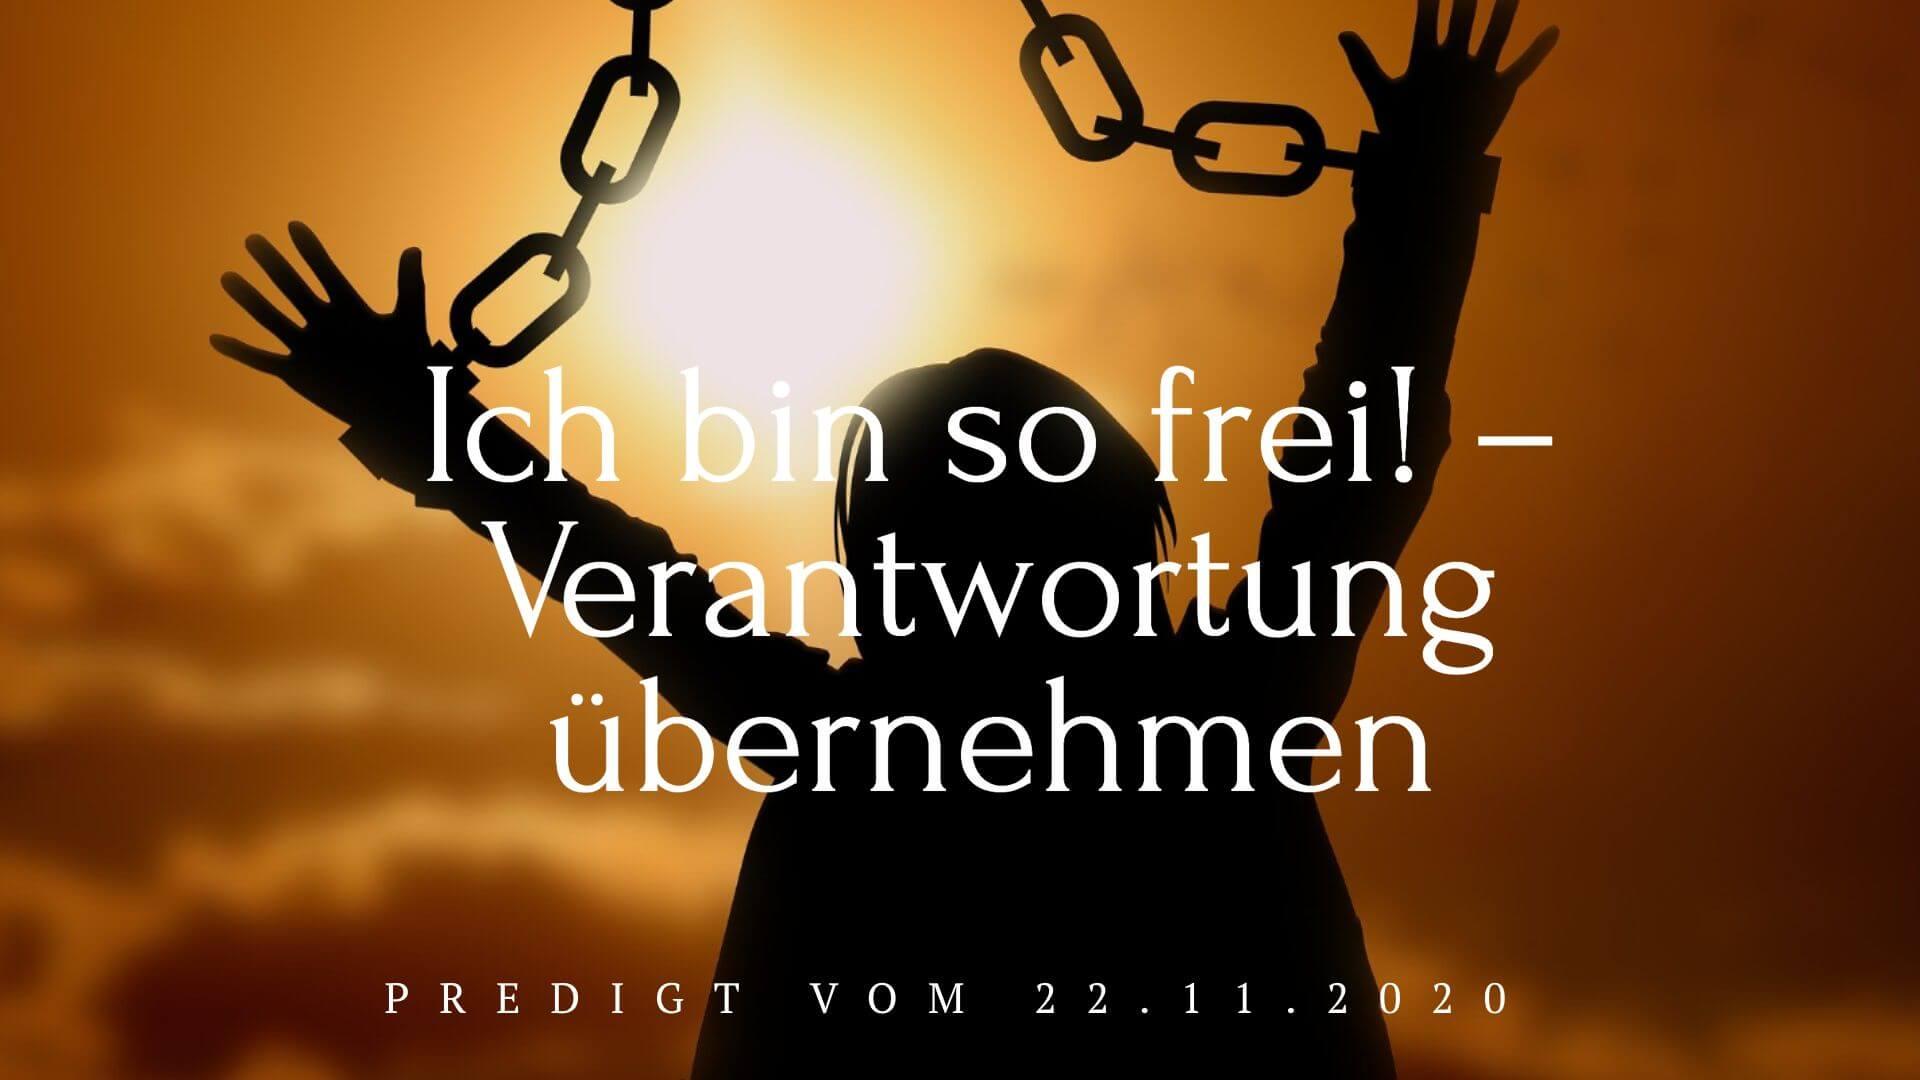 Ich bin so frei! – Verantwortung übernehmen. Predigt vom 22.11.2020